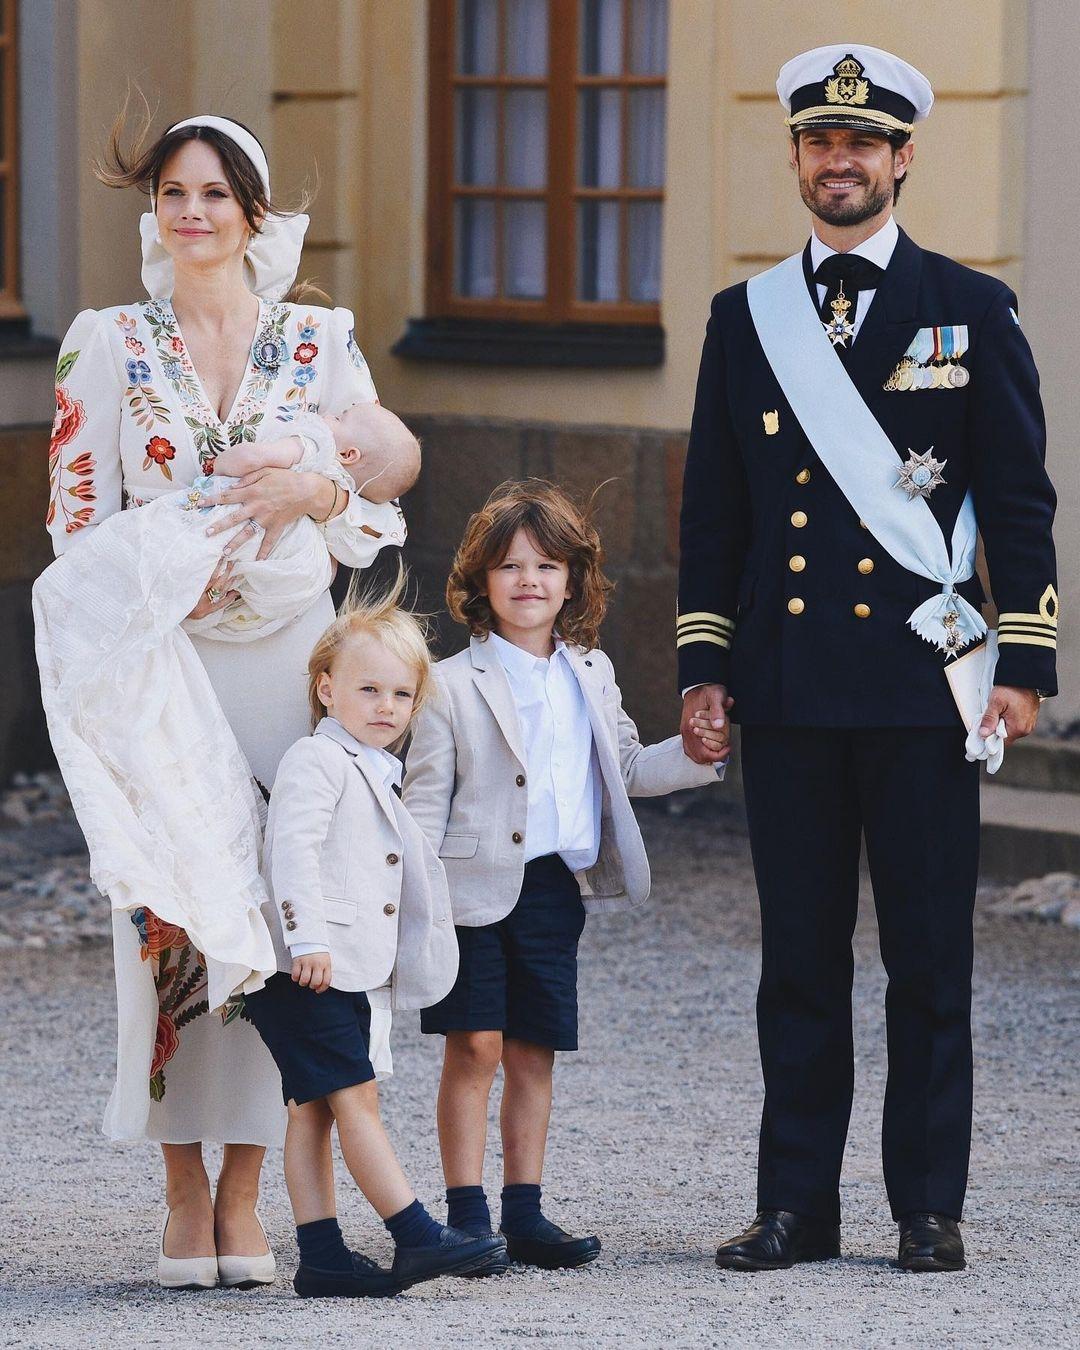 Шведский принц Карл-Филипп ипринцесса София крестили 4-месячного сына (ФОТО) - фото №1